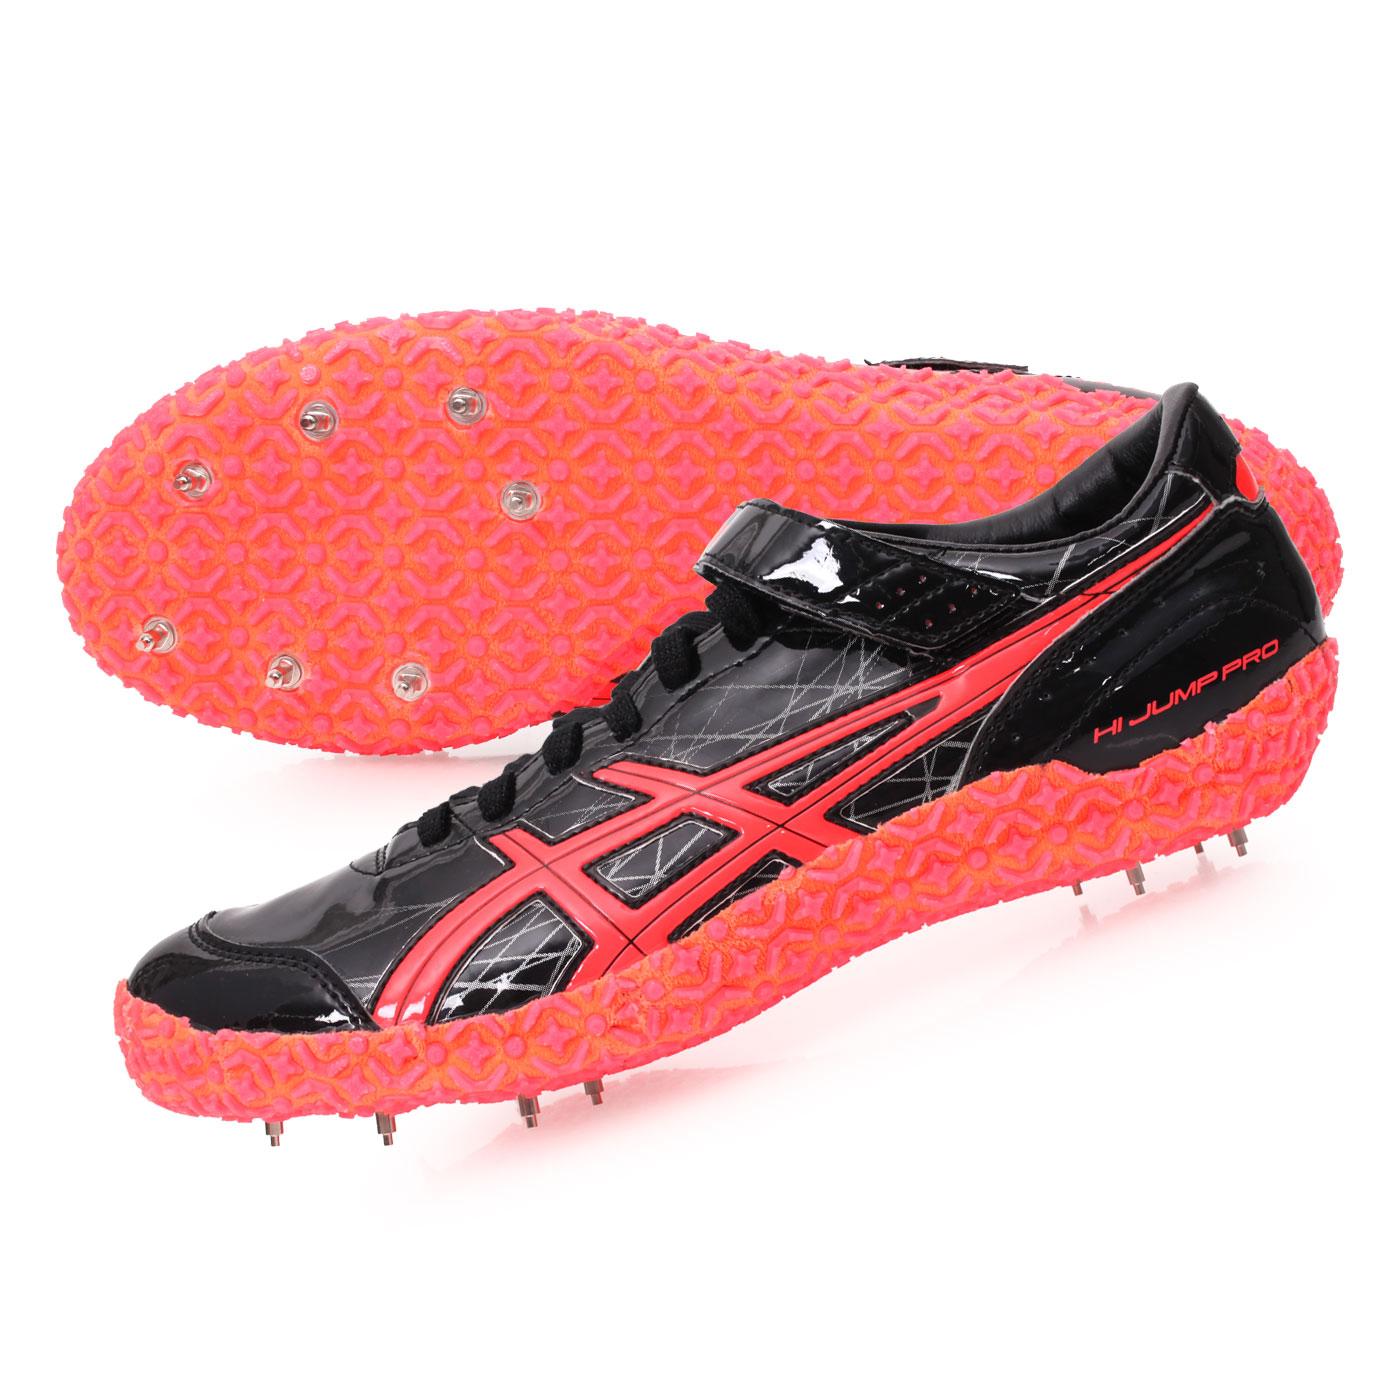 ASICS 日製田徑釘鞋  @HI JUMP PRO(L)@TFP352-9006 - 黑橘